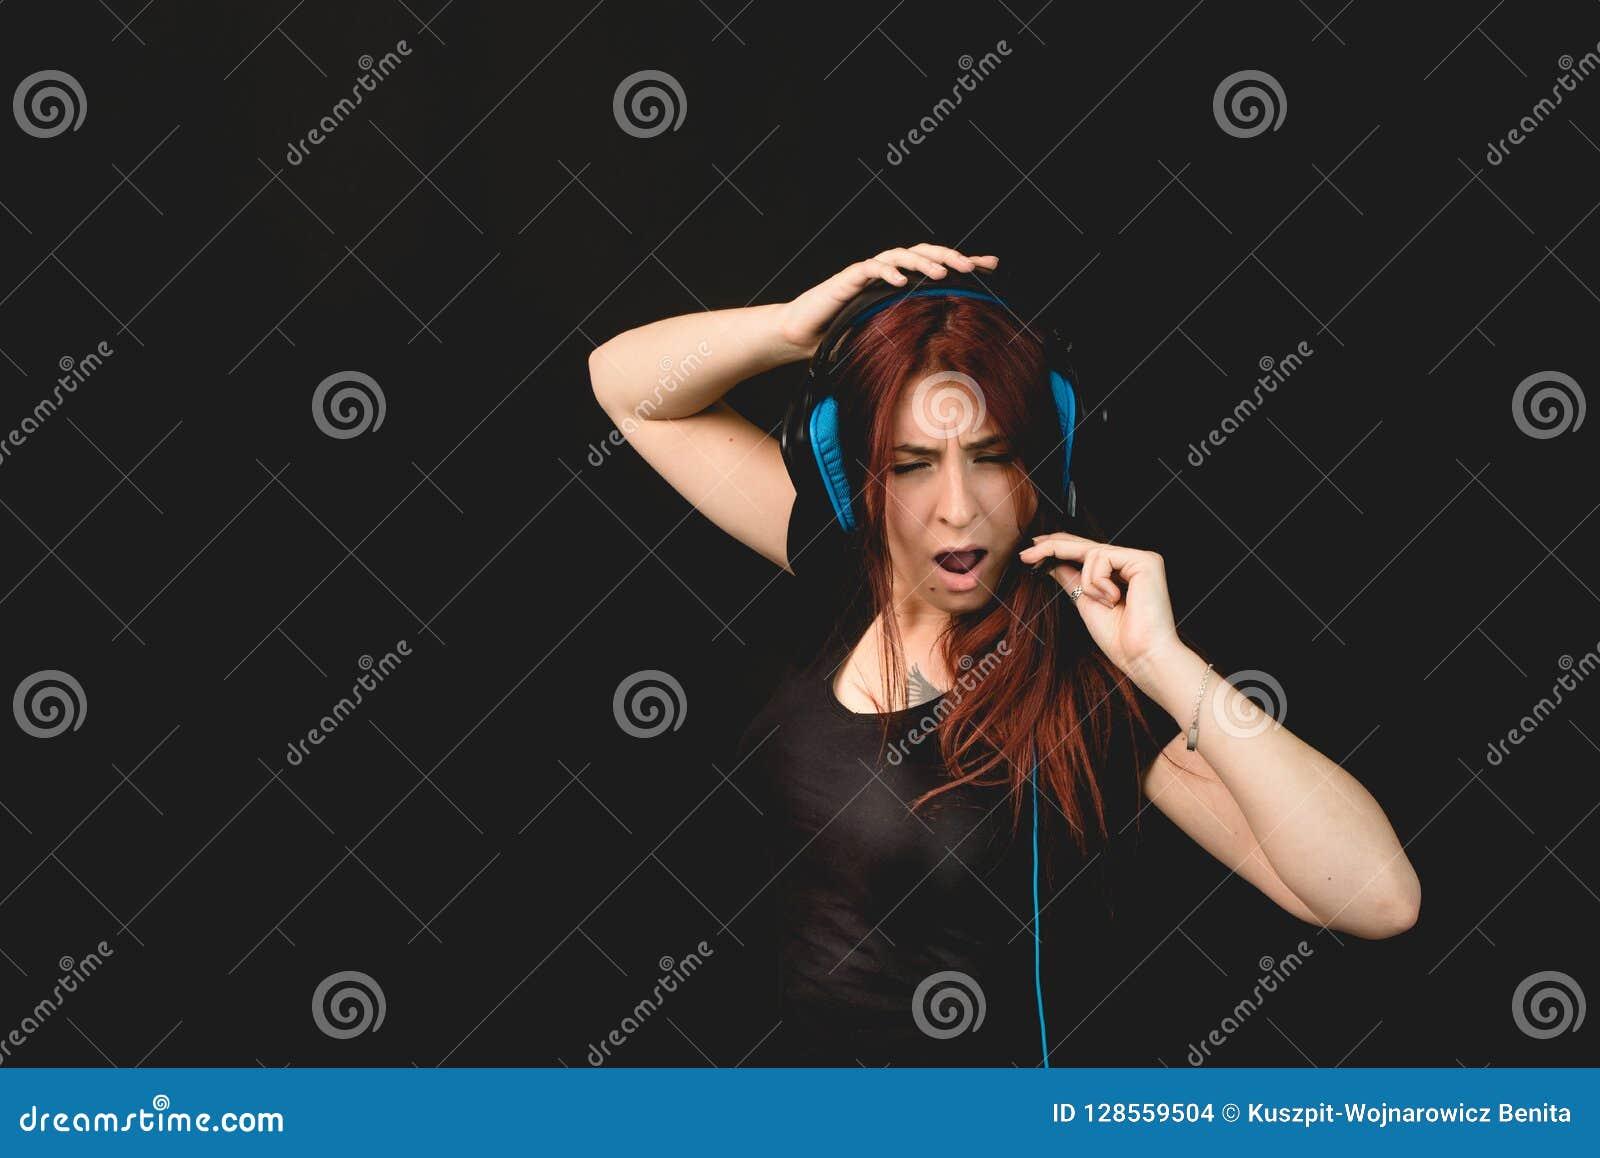 Musik är min förälskelse, passion, låter mig känna mig fritt